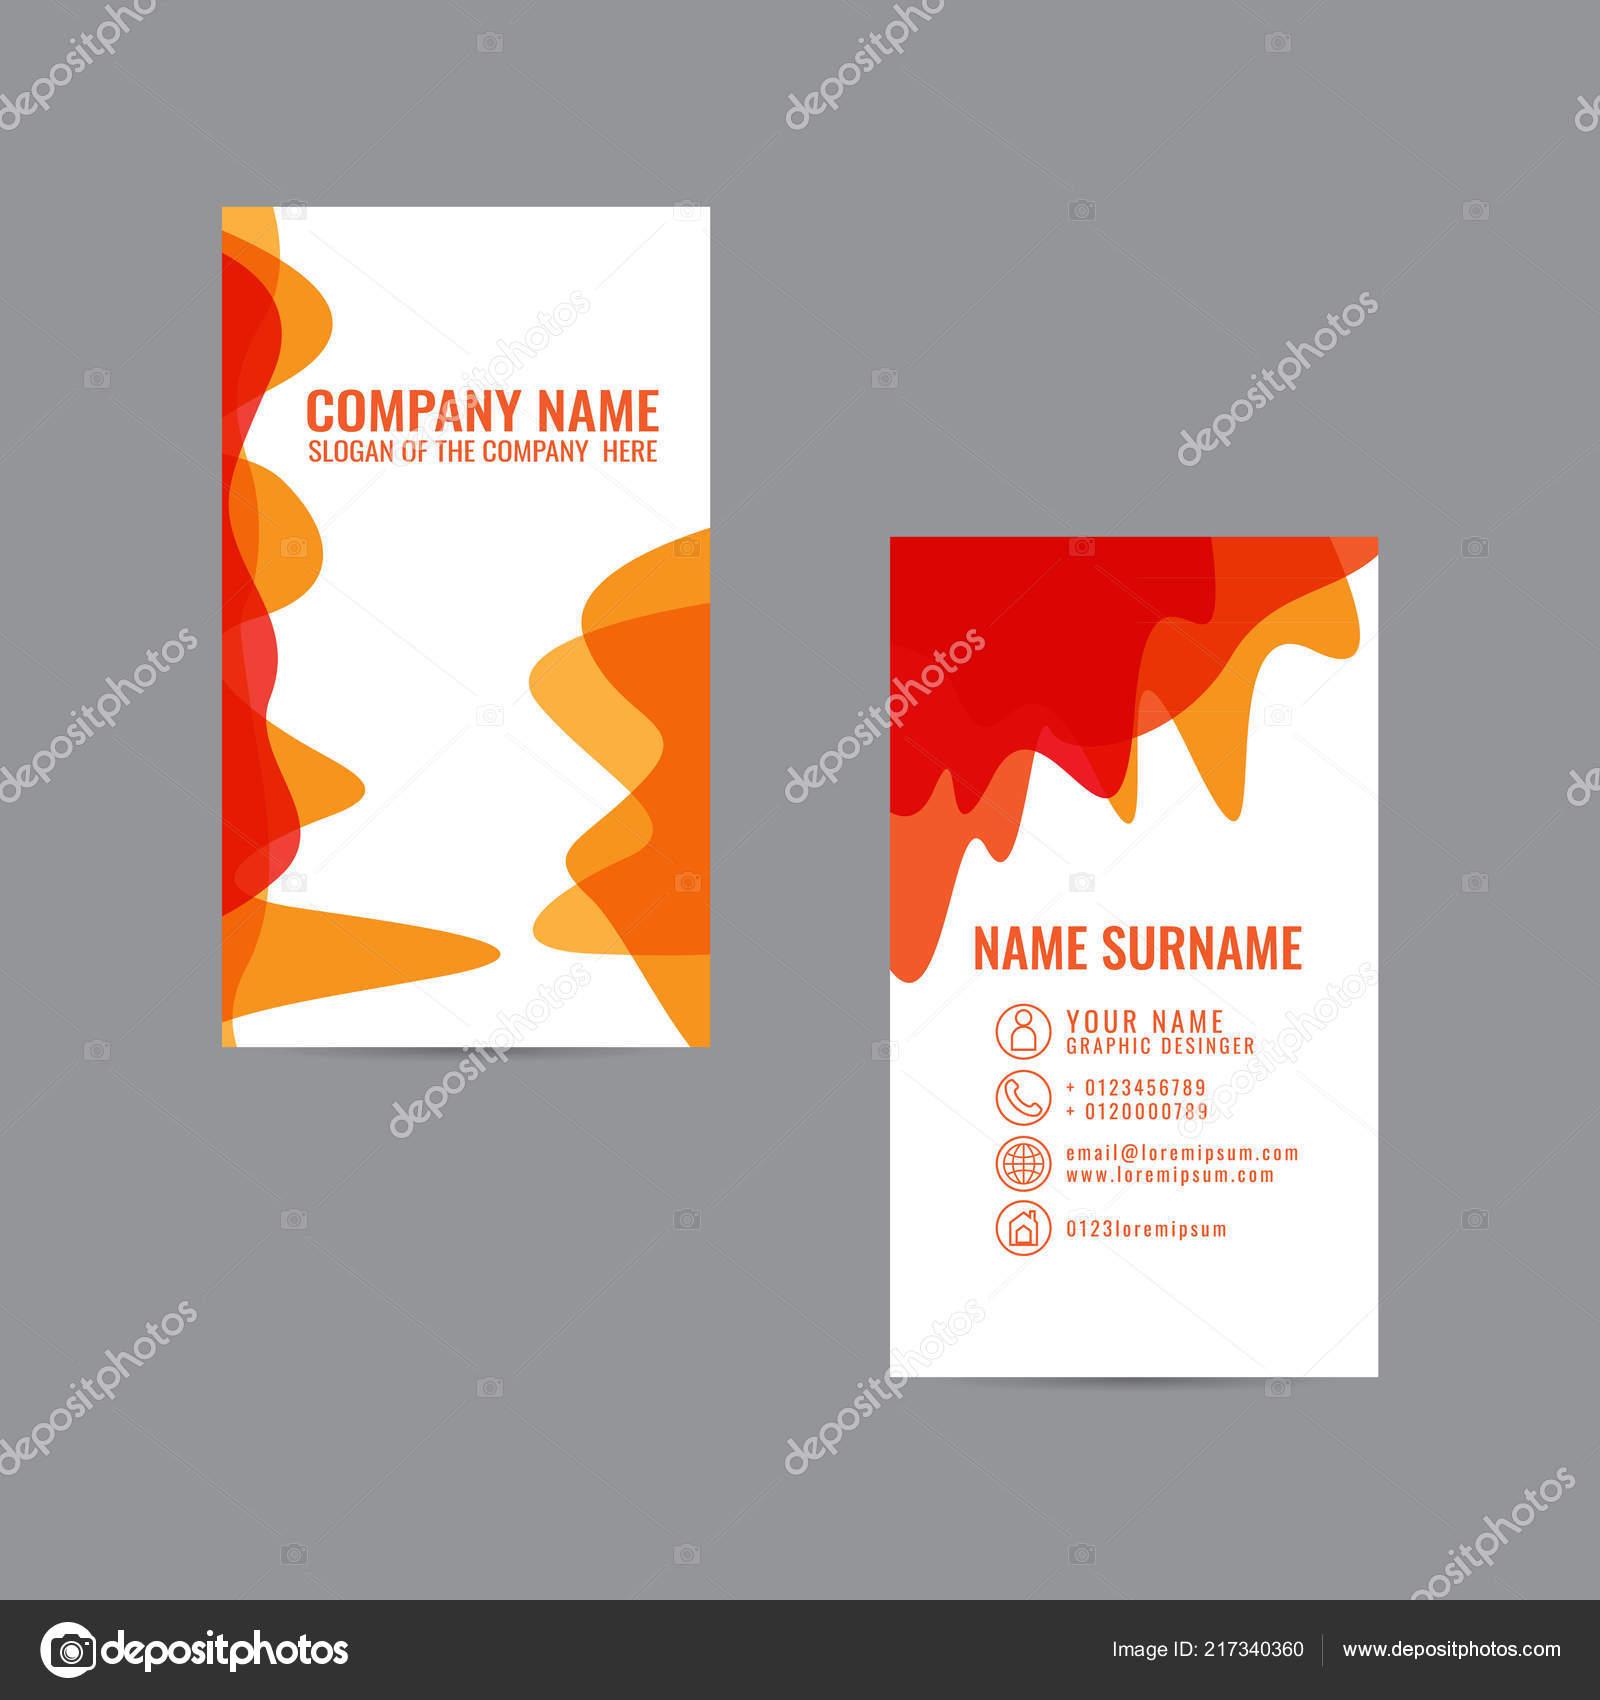 Conception Carte Visite Modele Elegant Colore Vector Sur Fond Gris Image Vectorielle